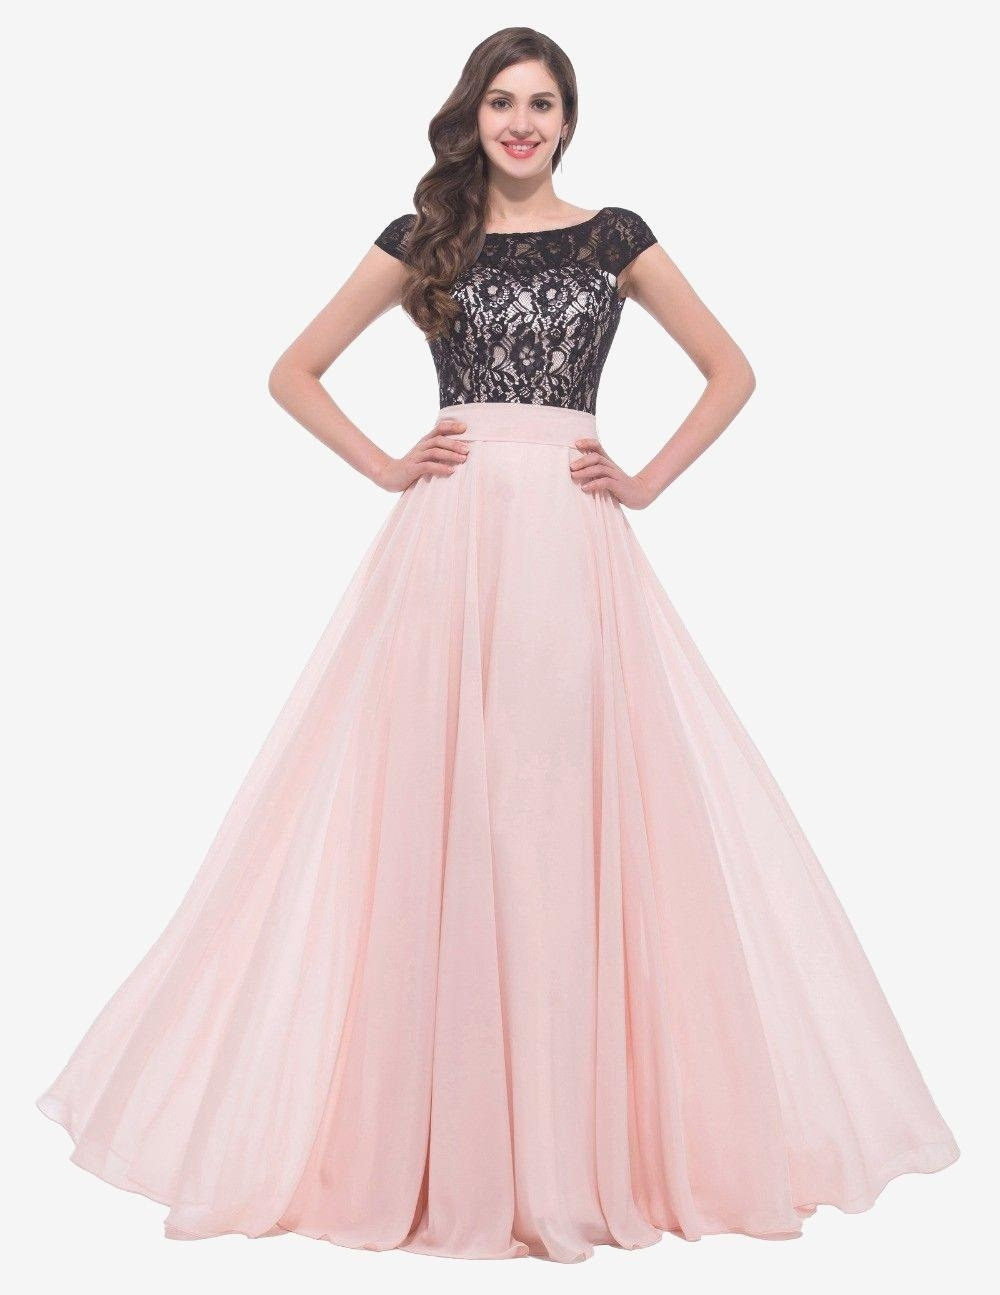 15 Perfekt Neue Abendkleider StylishFormal Perfekt Neue Abendkleider Spezialgebiet